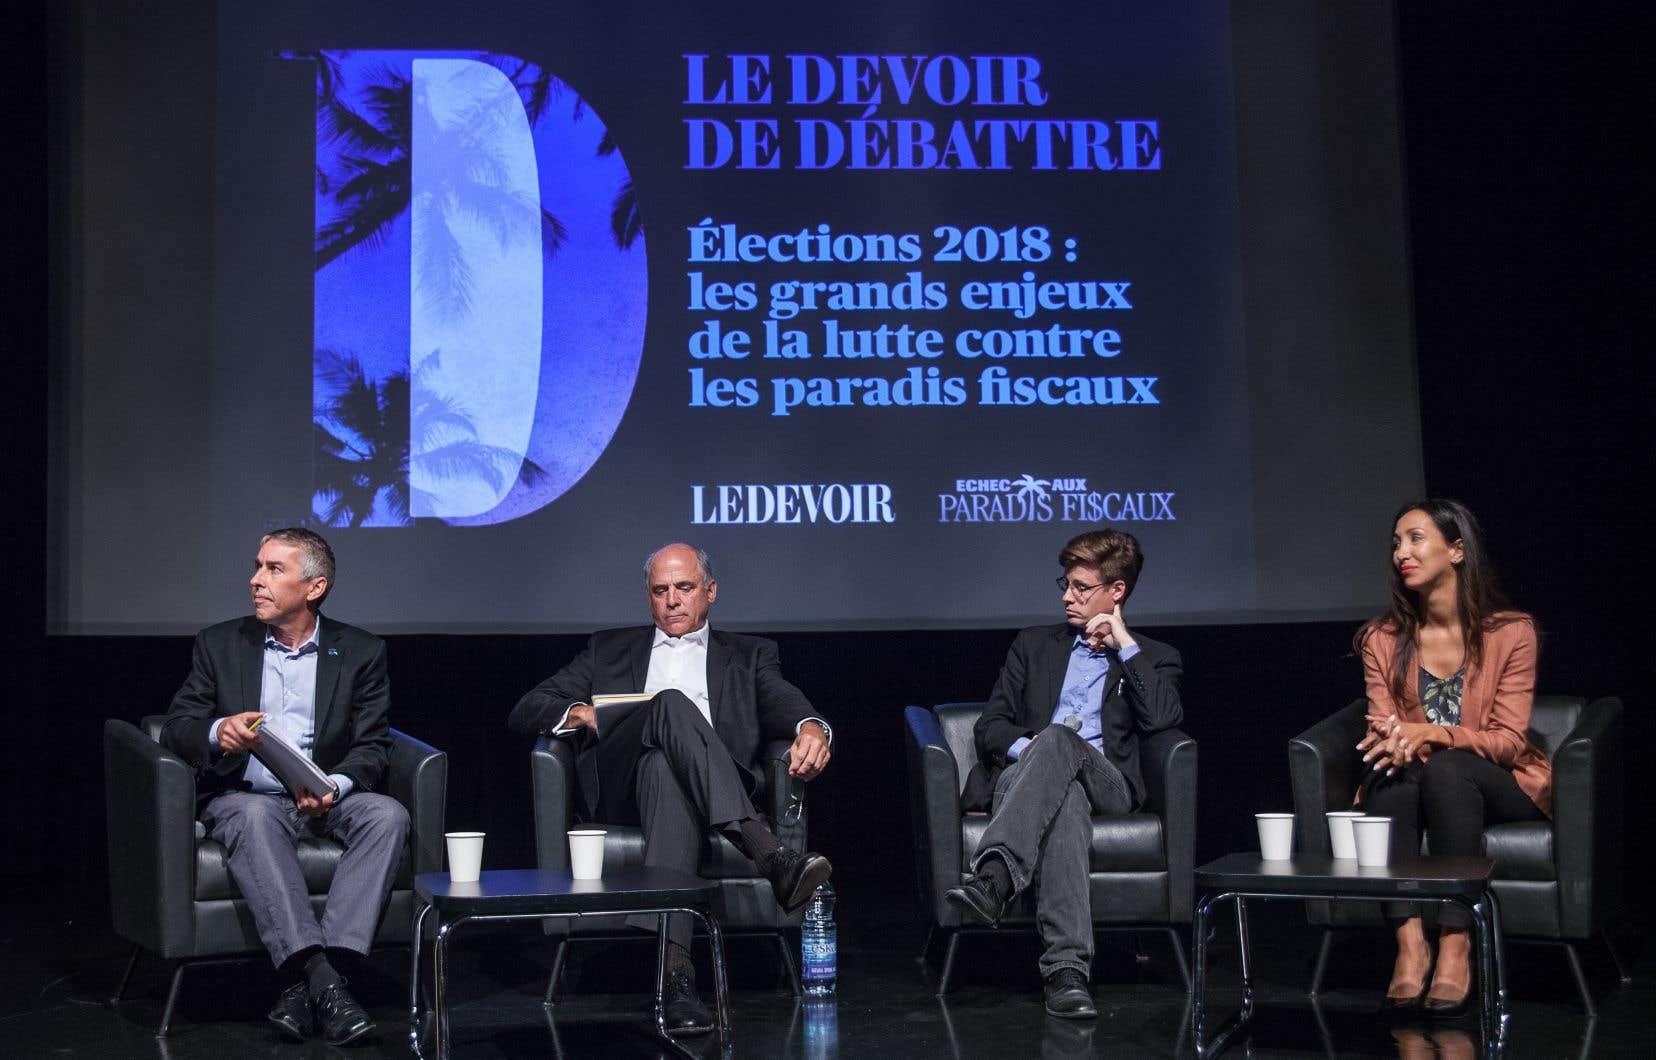 Les quatre candidats ont exprimé d'un commun accord la pertinence de lutter contre les paradis fiscaux. Les discussions ont donc tourné autour des moyens à mettre en avant pour ce faire, notamment.